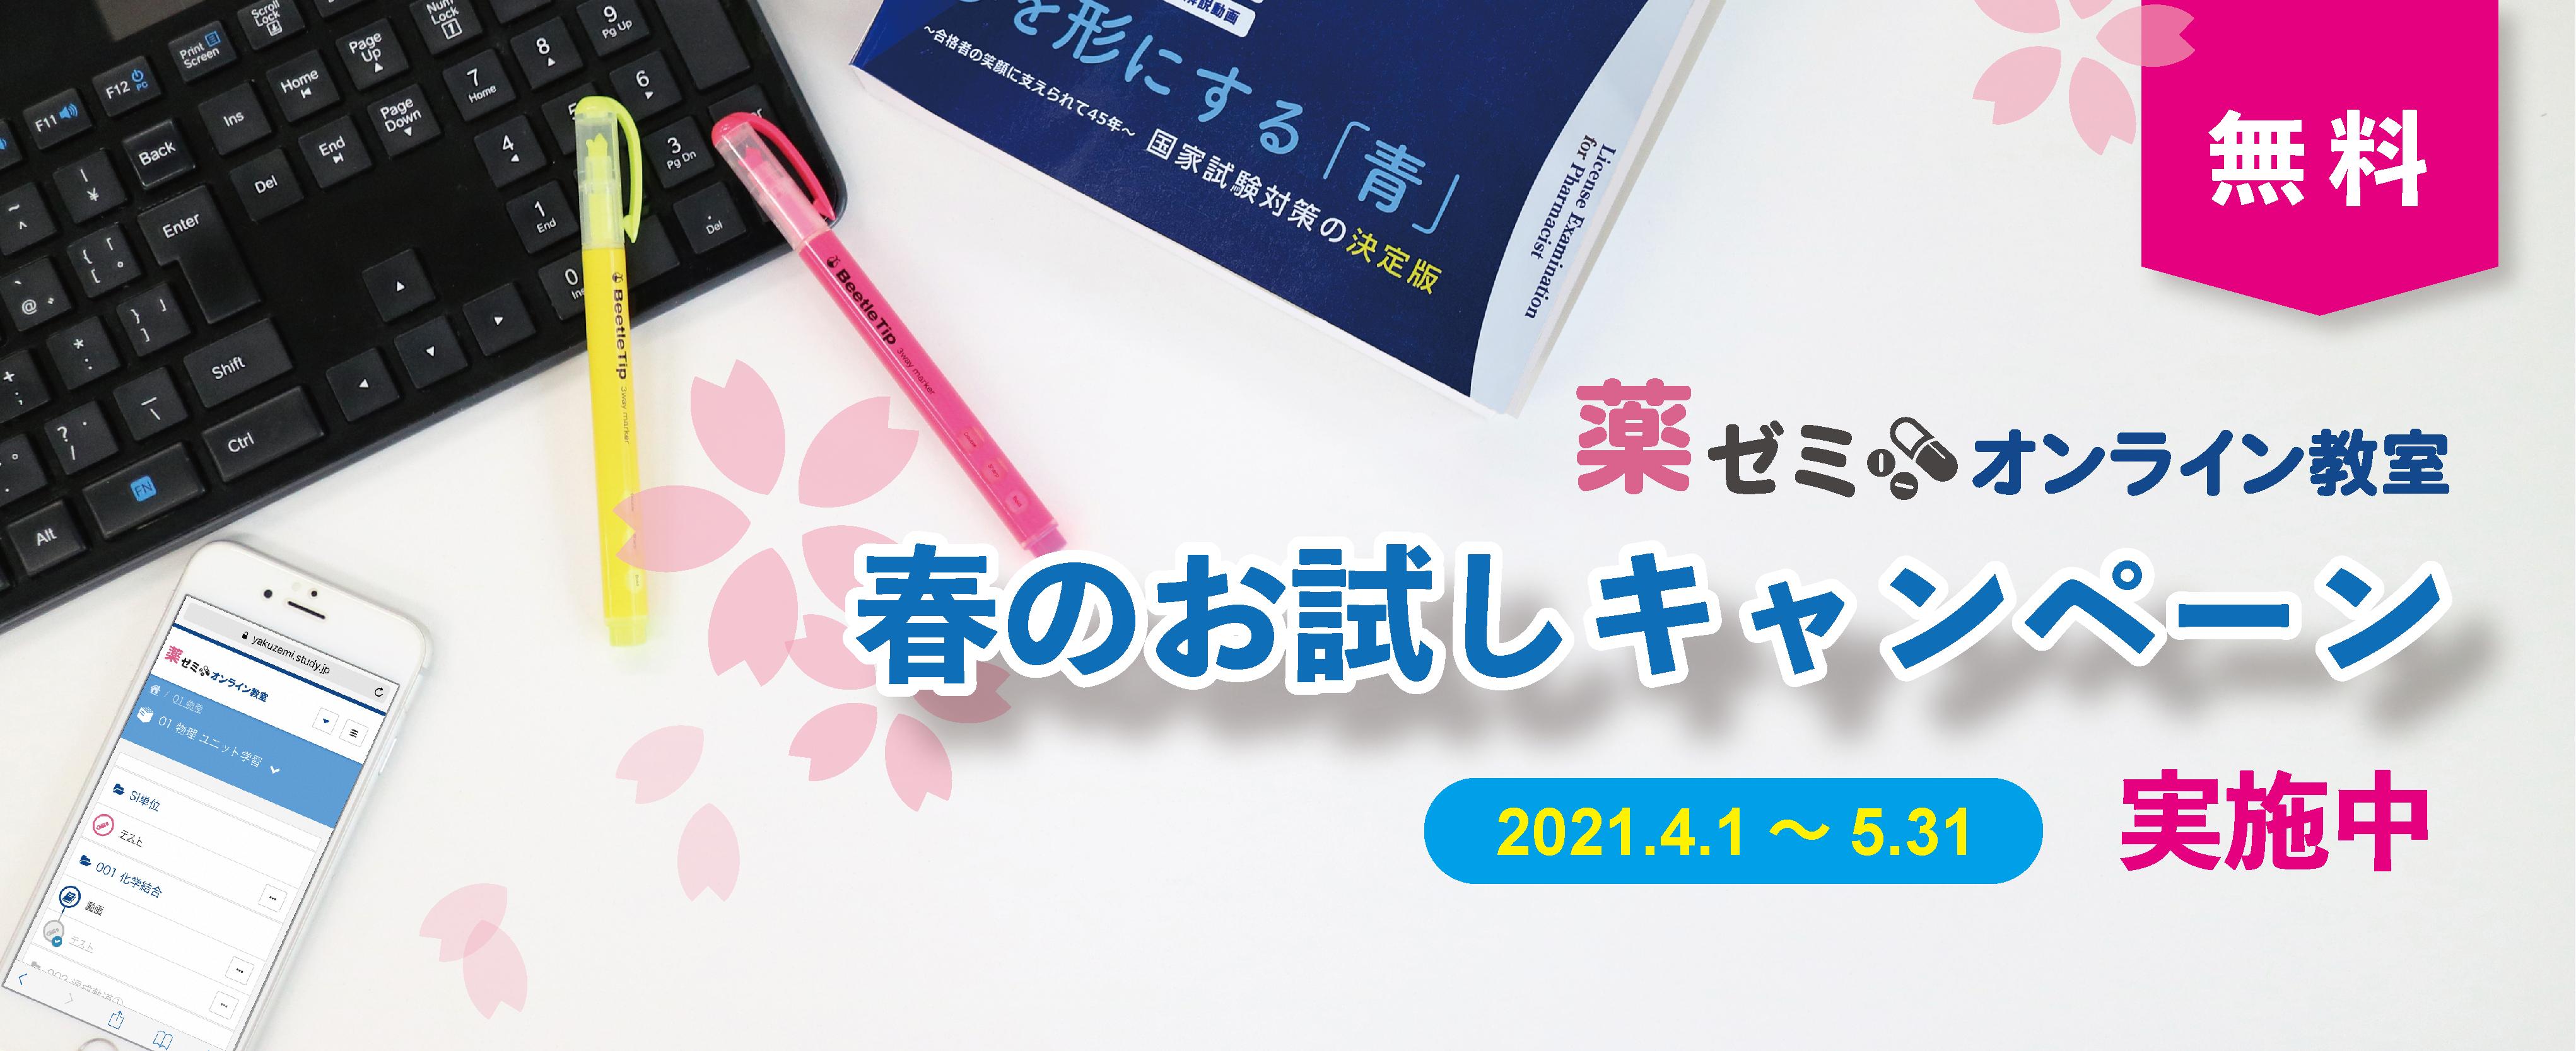 オンライン教室 春の無料お試しキャンペーン